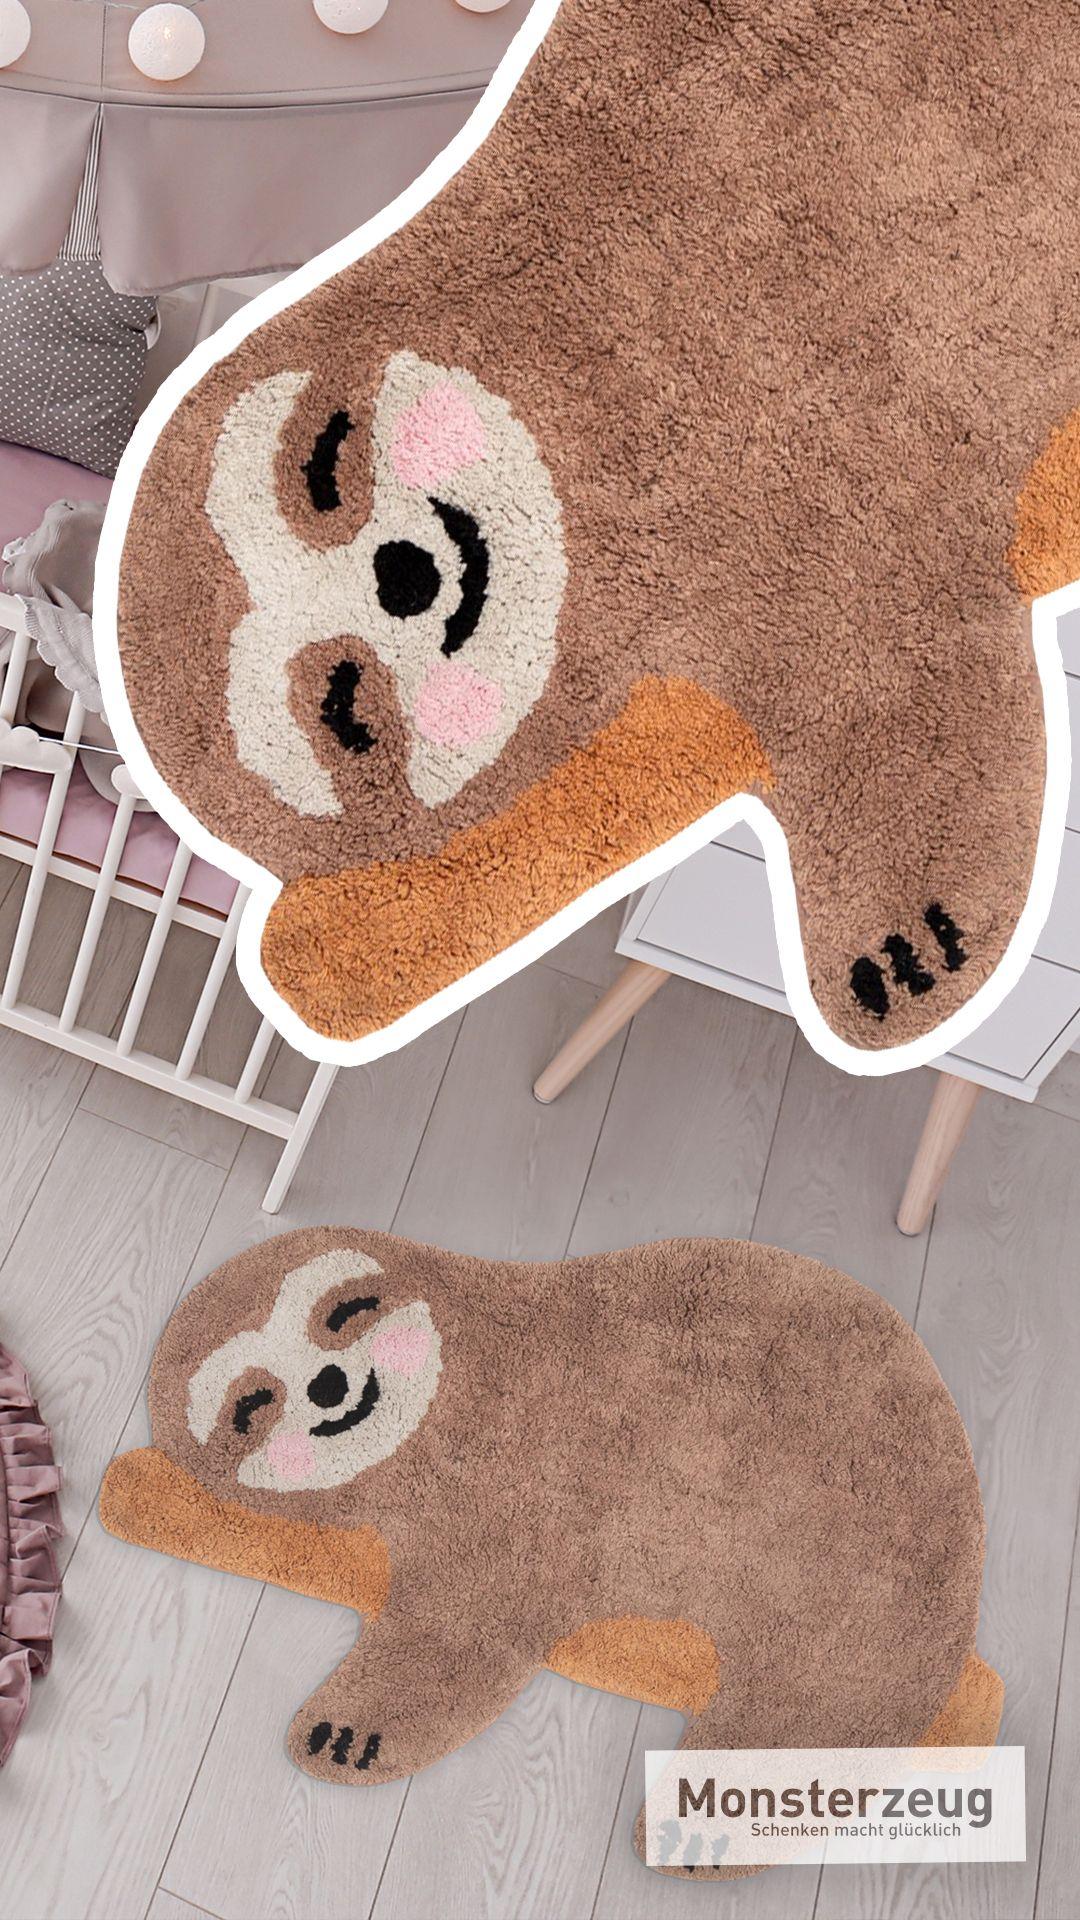 Faultier Teppich Aus Baumwolle Geschenke Zur Konfirmation Werdende Mutter Geschenk Konfirmationsgeschenk